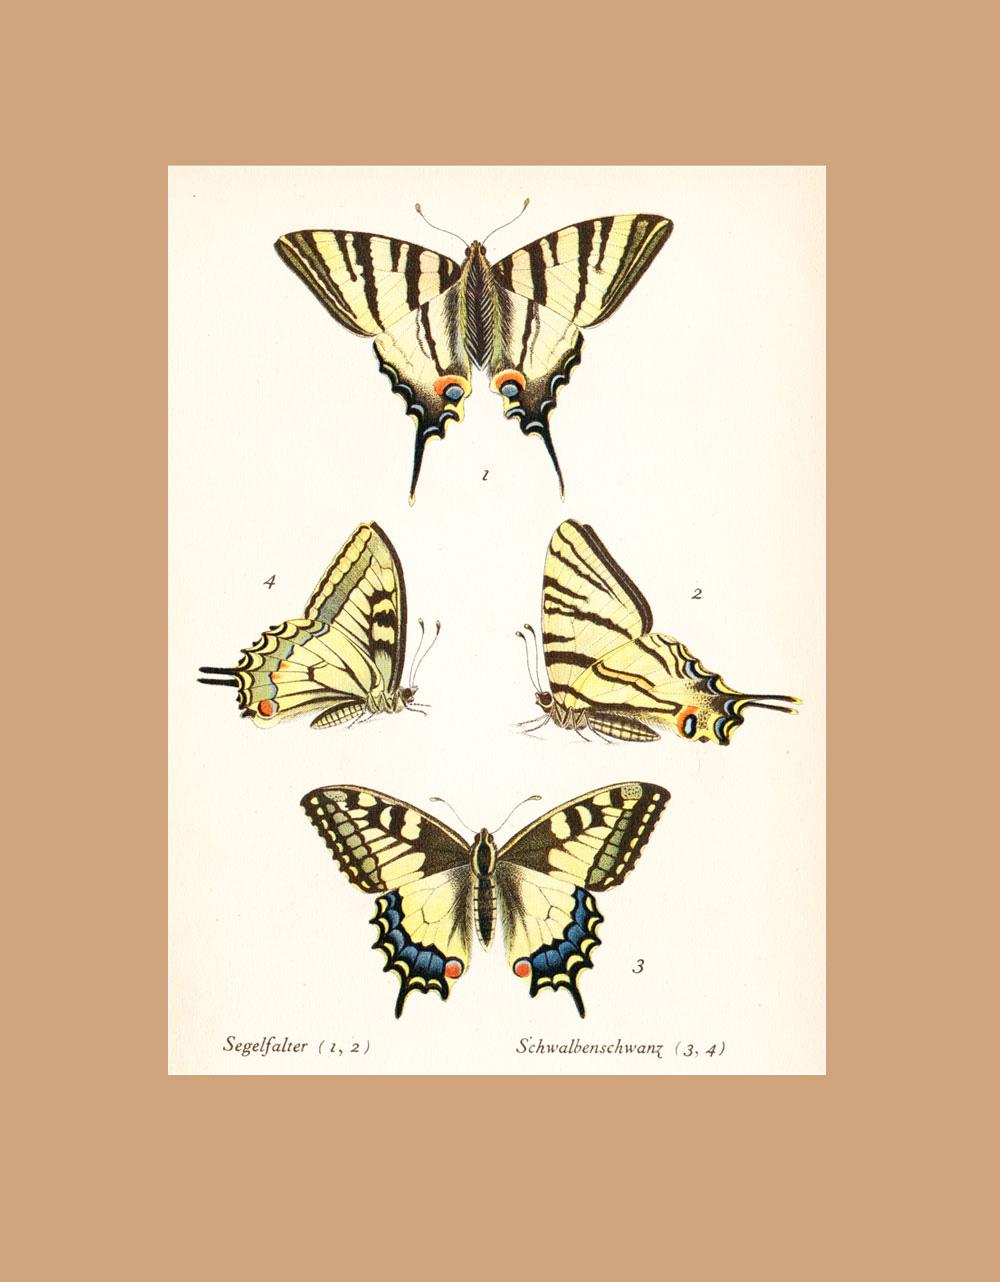 Papilio podalirius